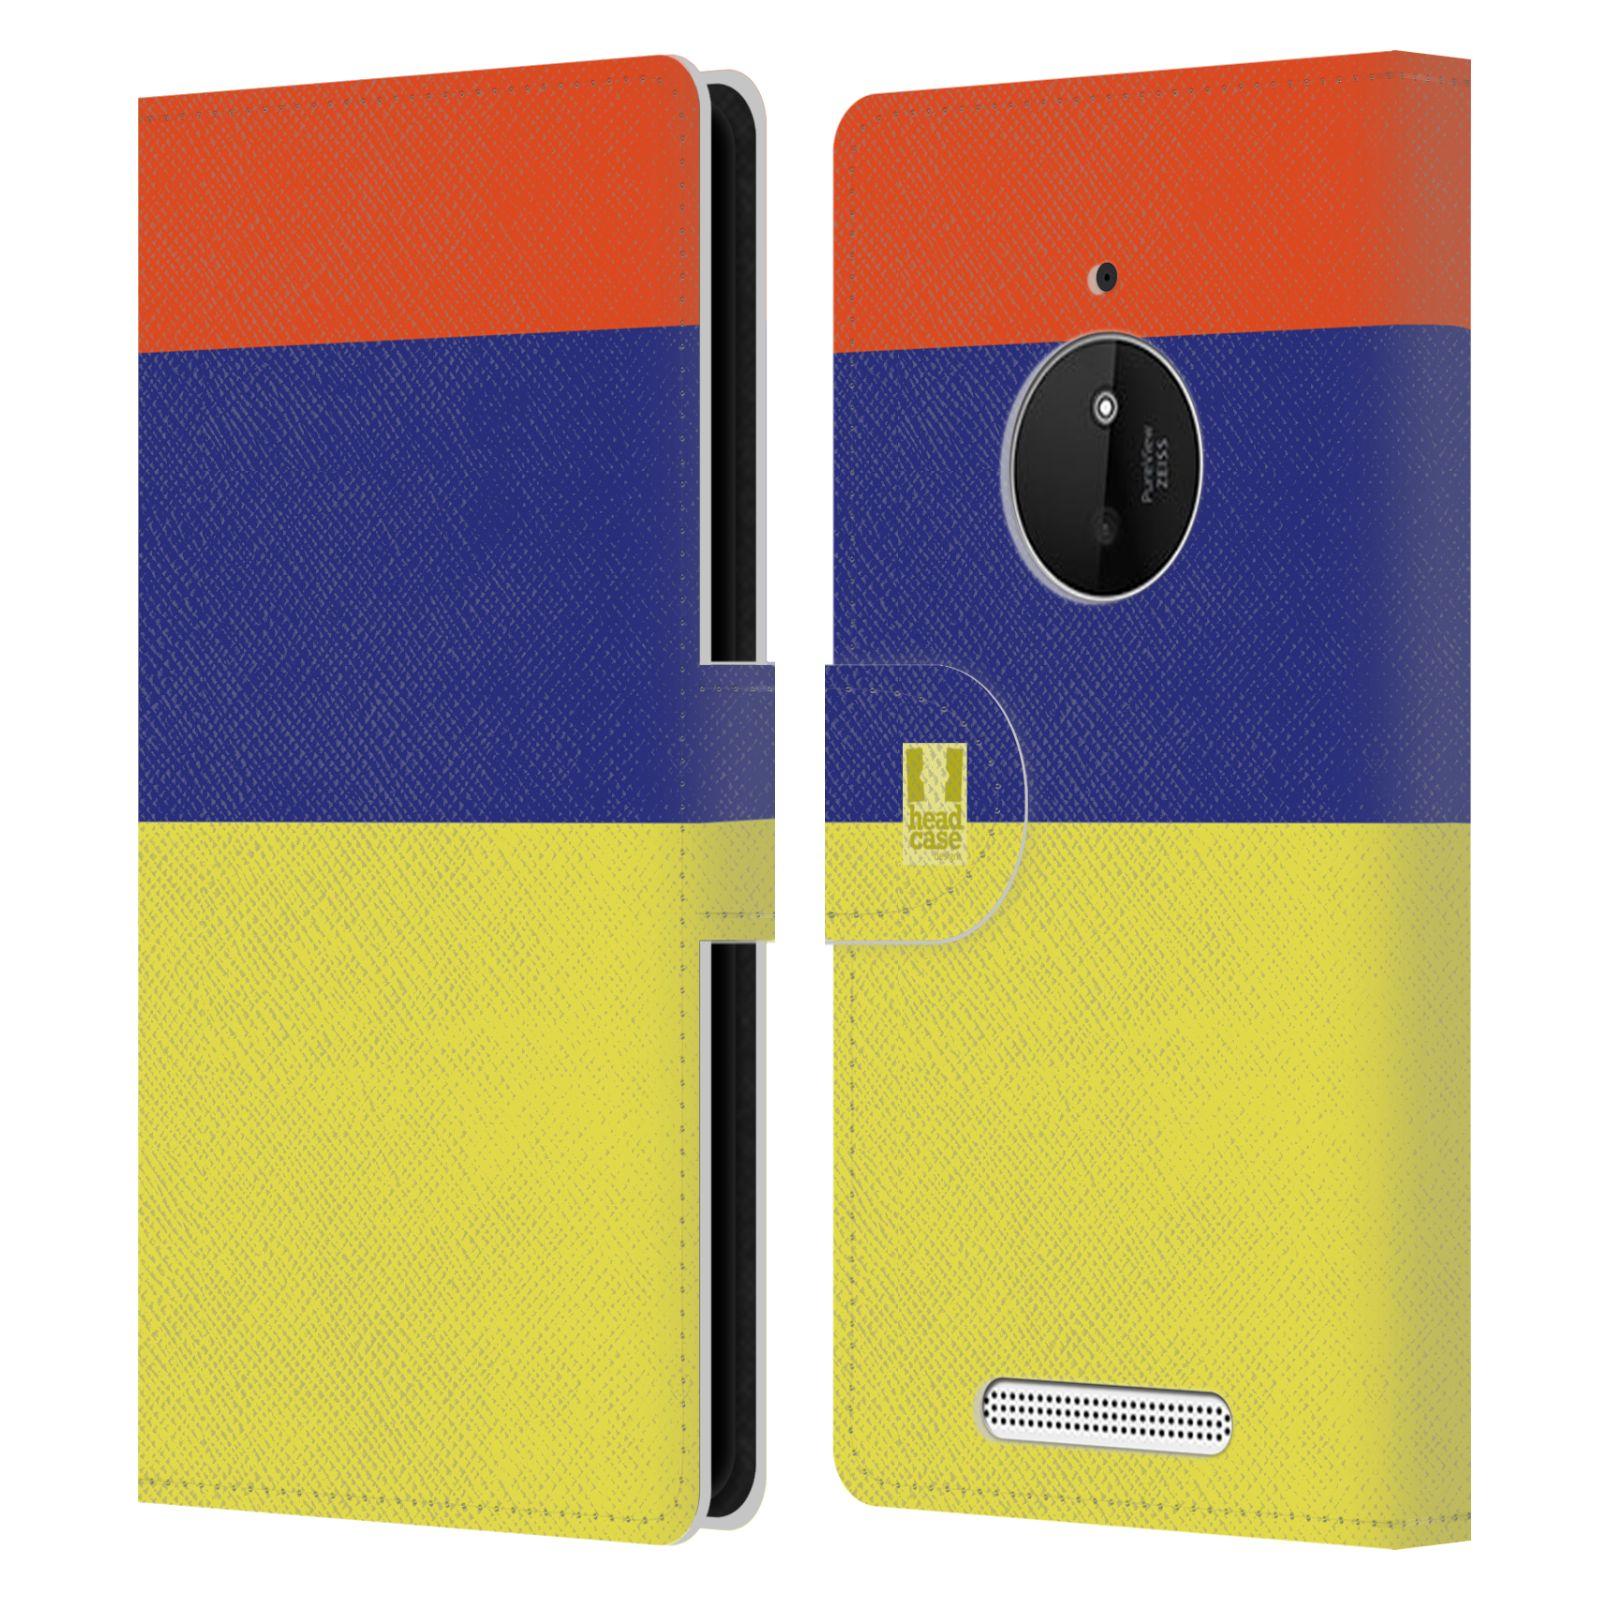 HEAD CASE Flipové pouzdro pro mobil Nokia LUMIA 830 barevné tvary žlutá, modrá, červená